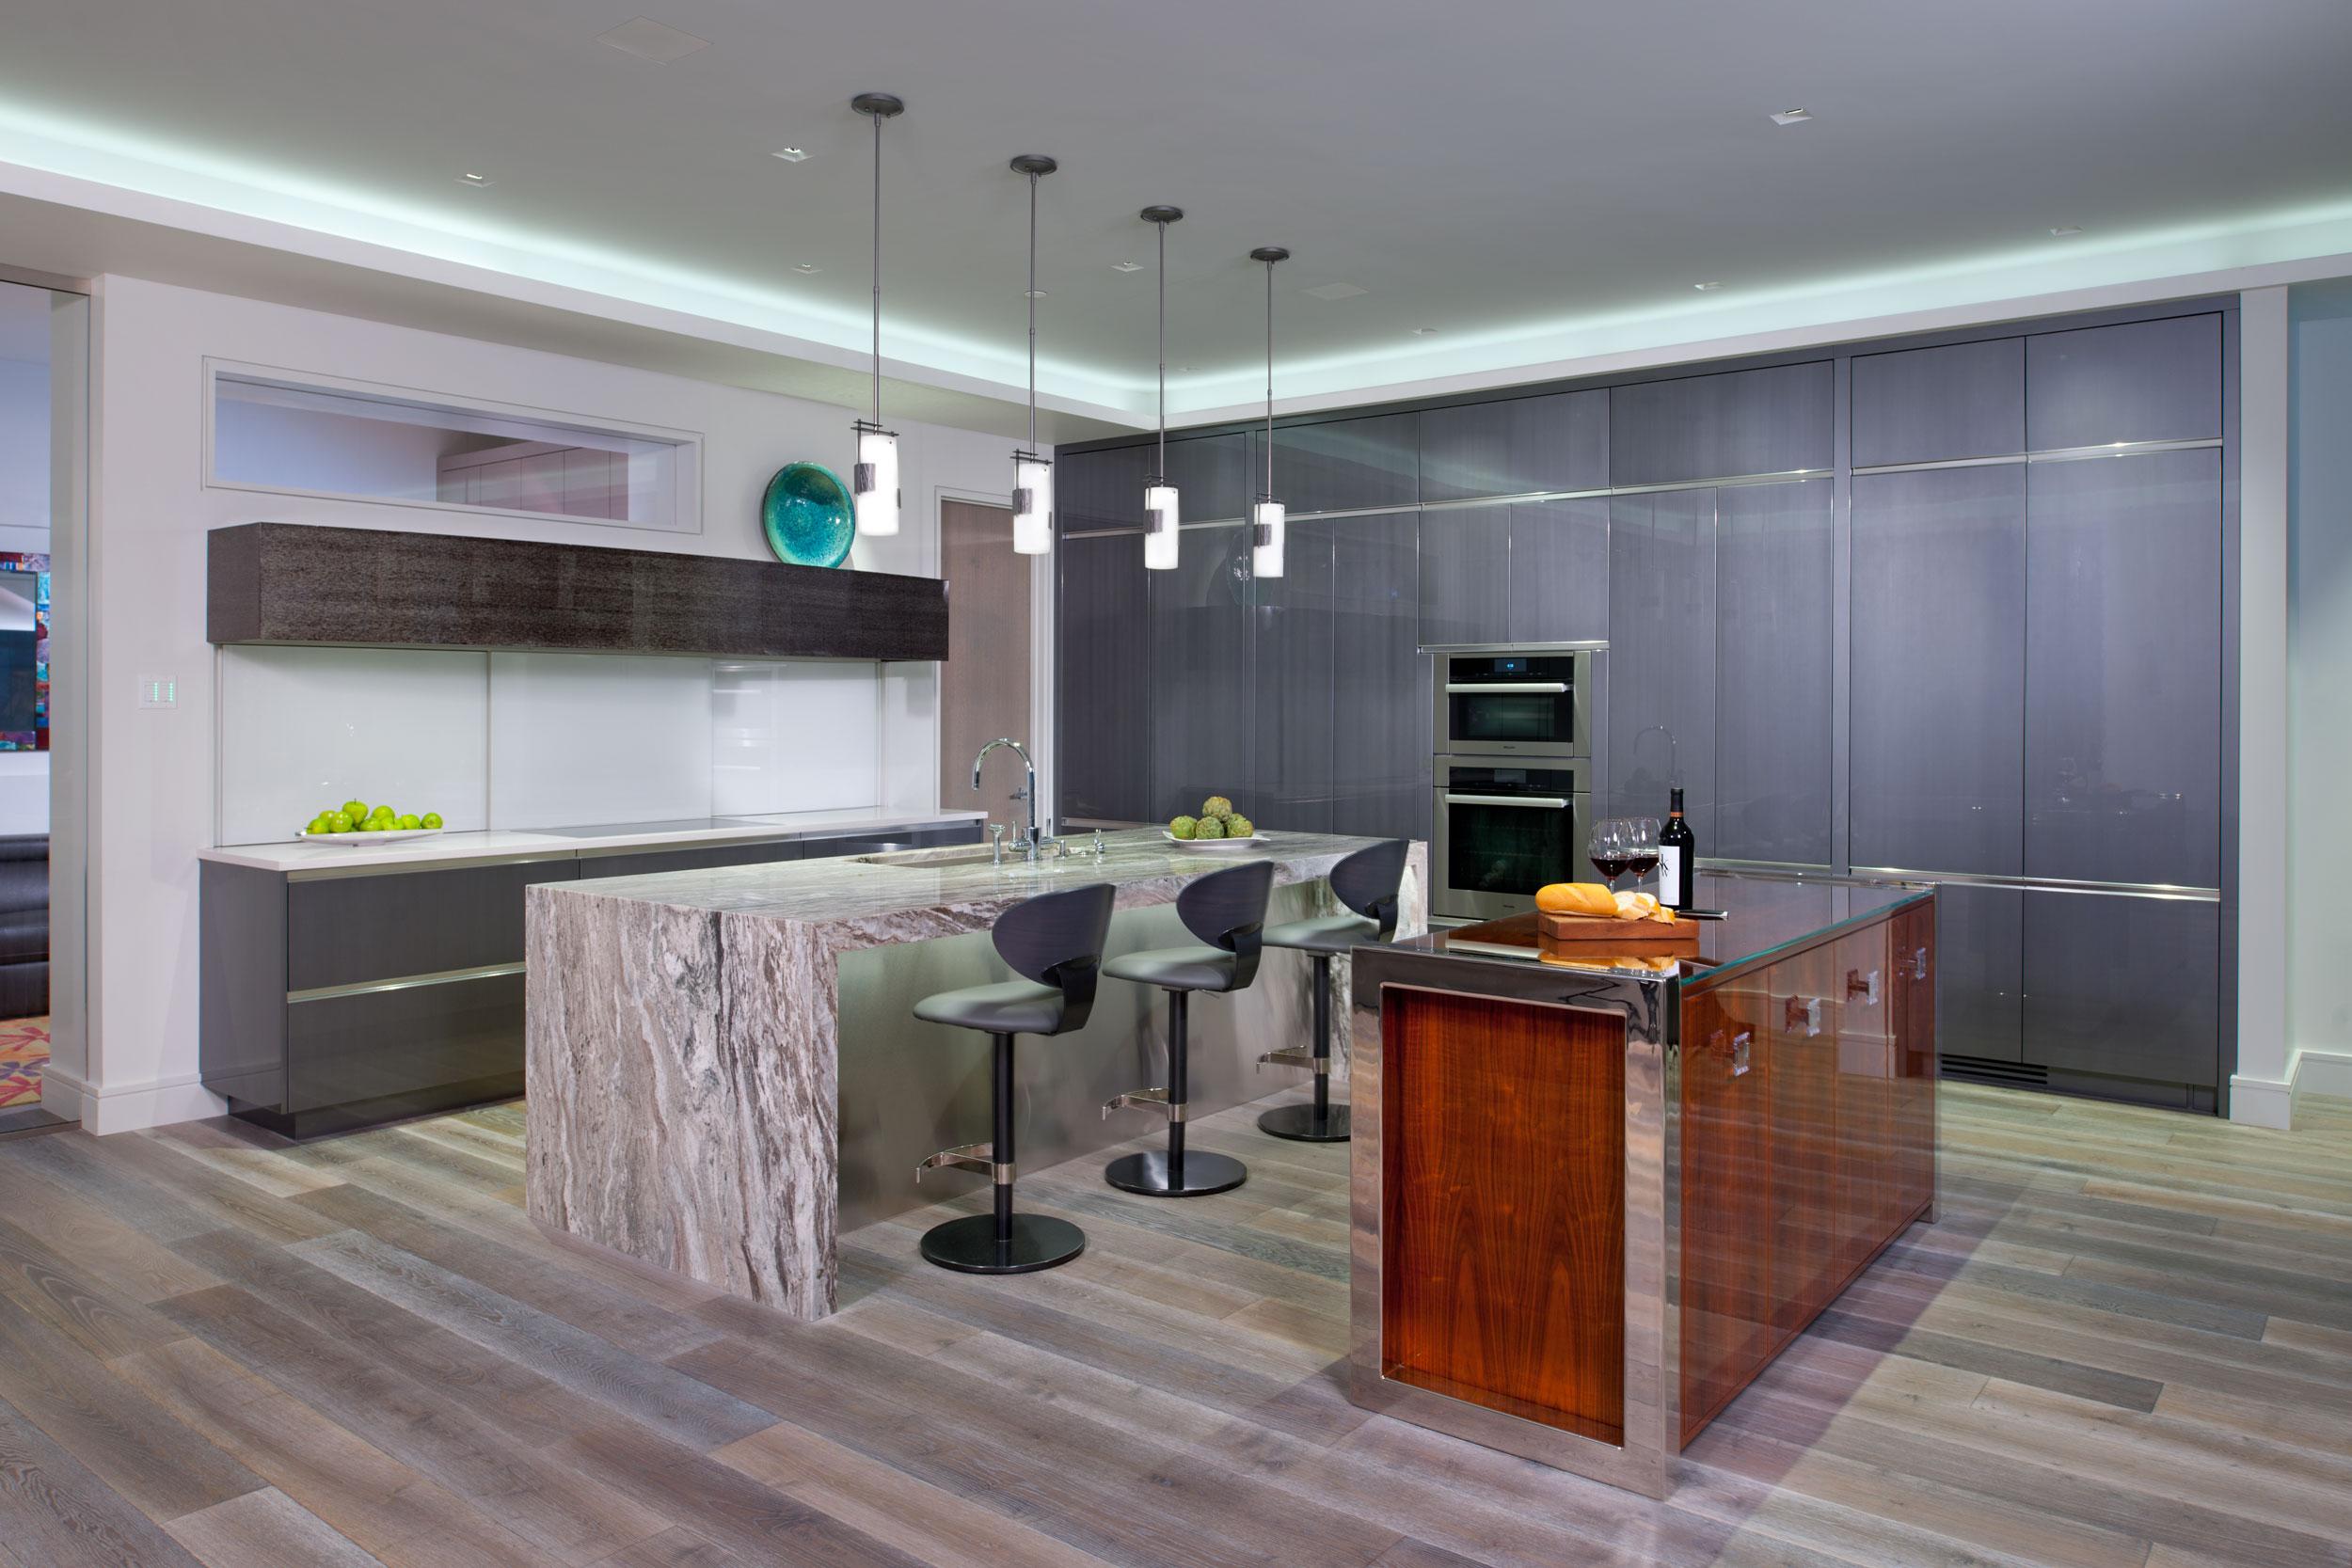 Design inspiration kitchen design winner 2016 list photos for Kitchen design visit